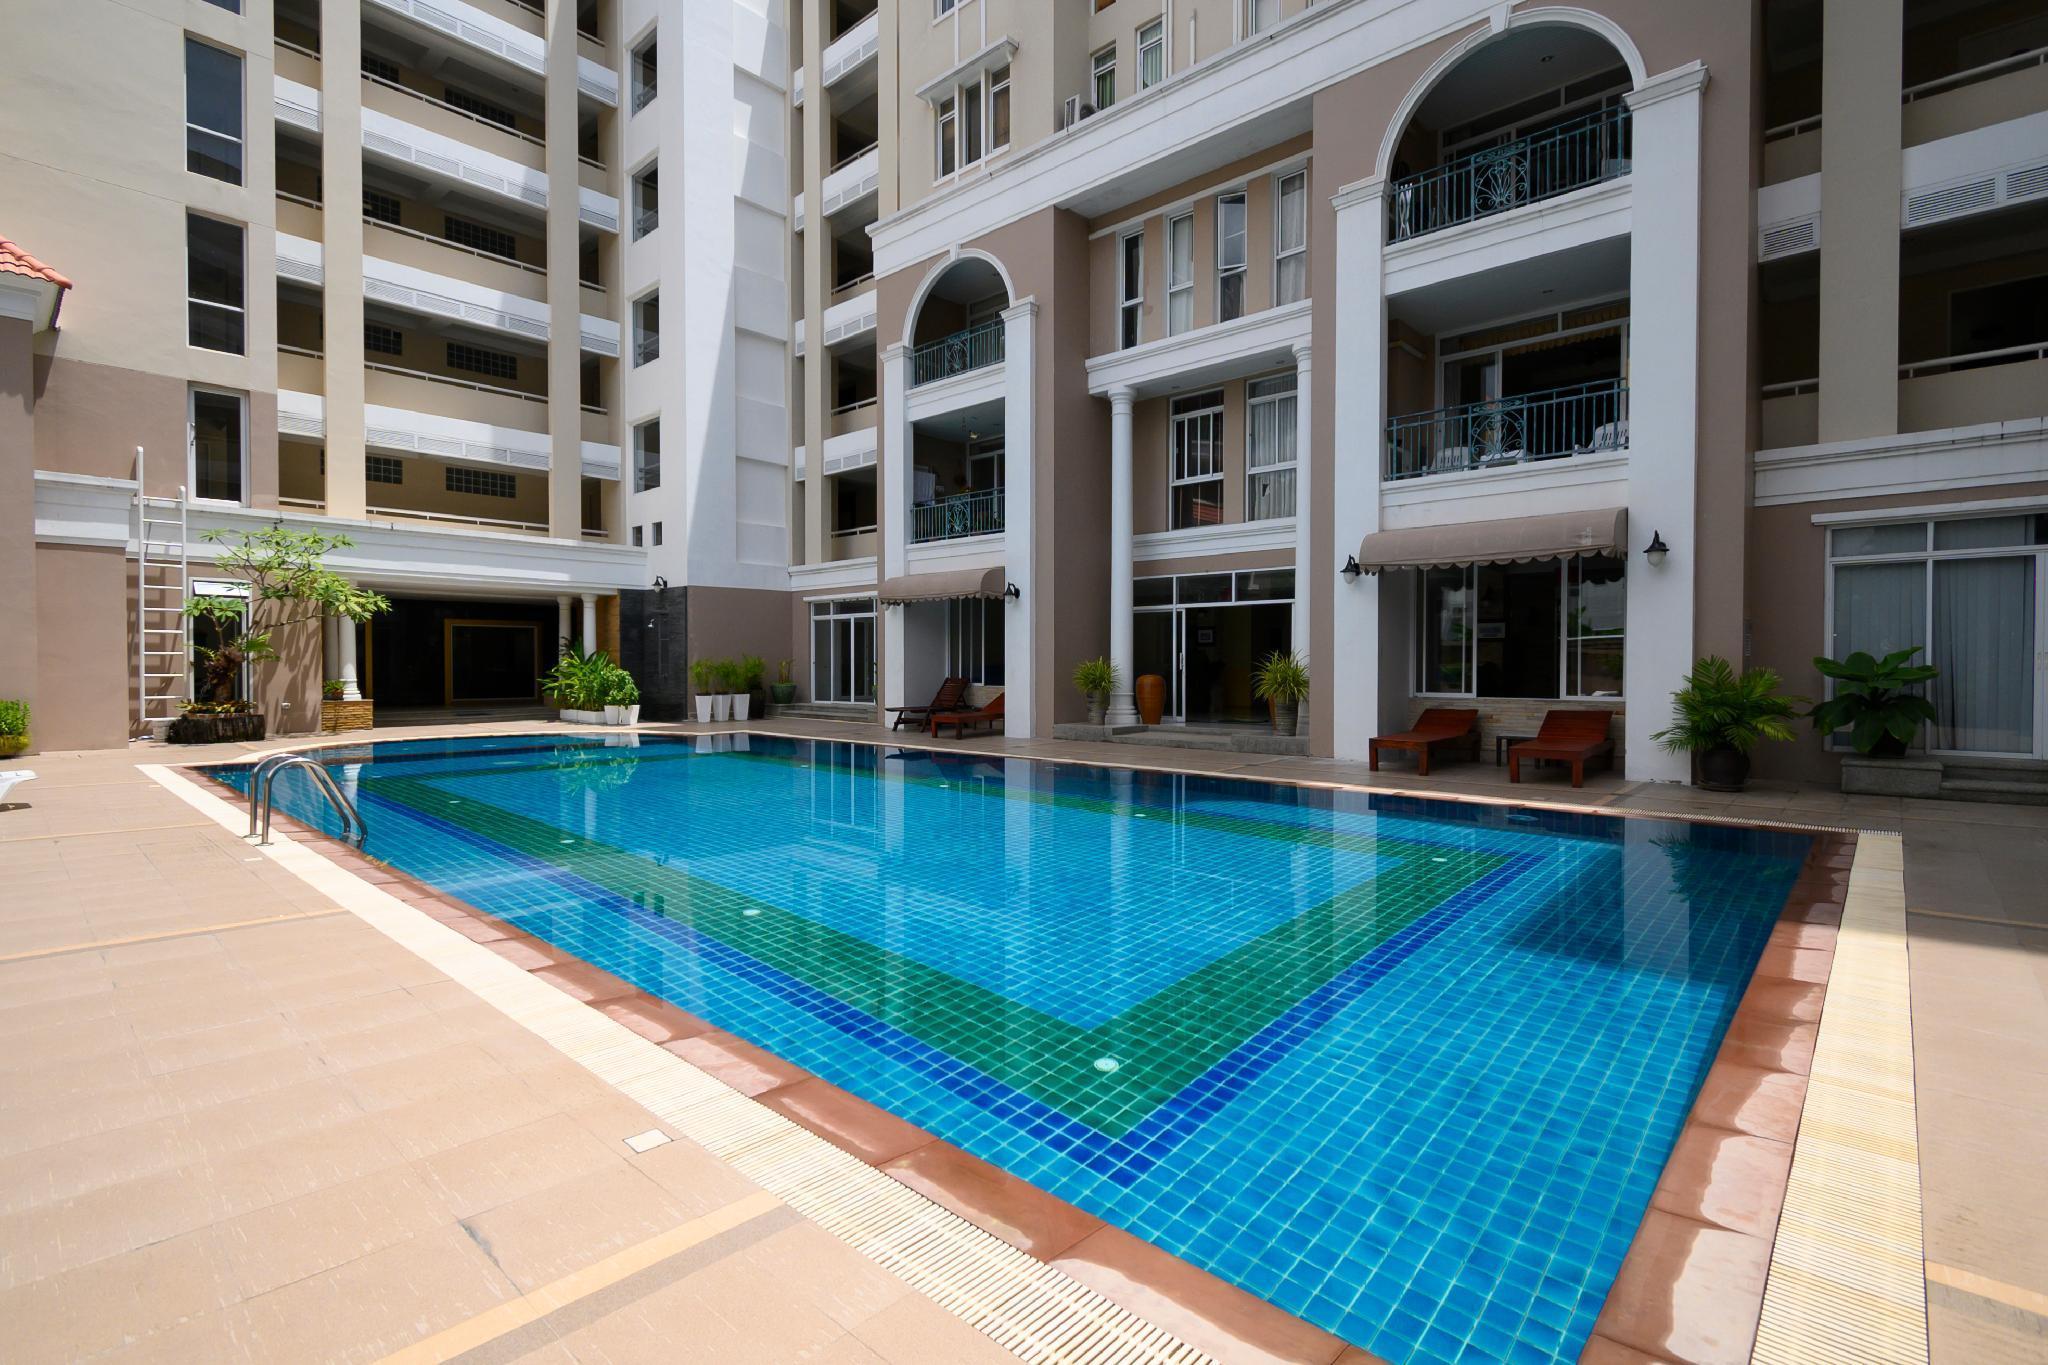 2BR @ Patong w/high speed wifi, pool & big balcony อพาร์ตเมนต์ 2 ห้องนอน 2 ห้องน้ำส่วนตัว ขนาด 86 ตร.ม. – ป่าตอง